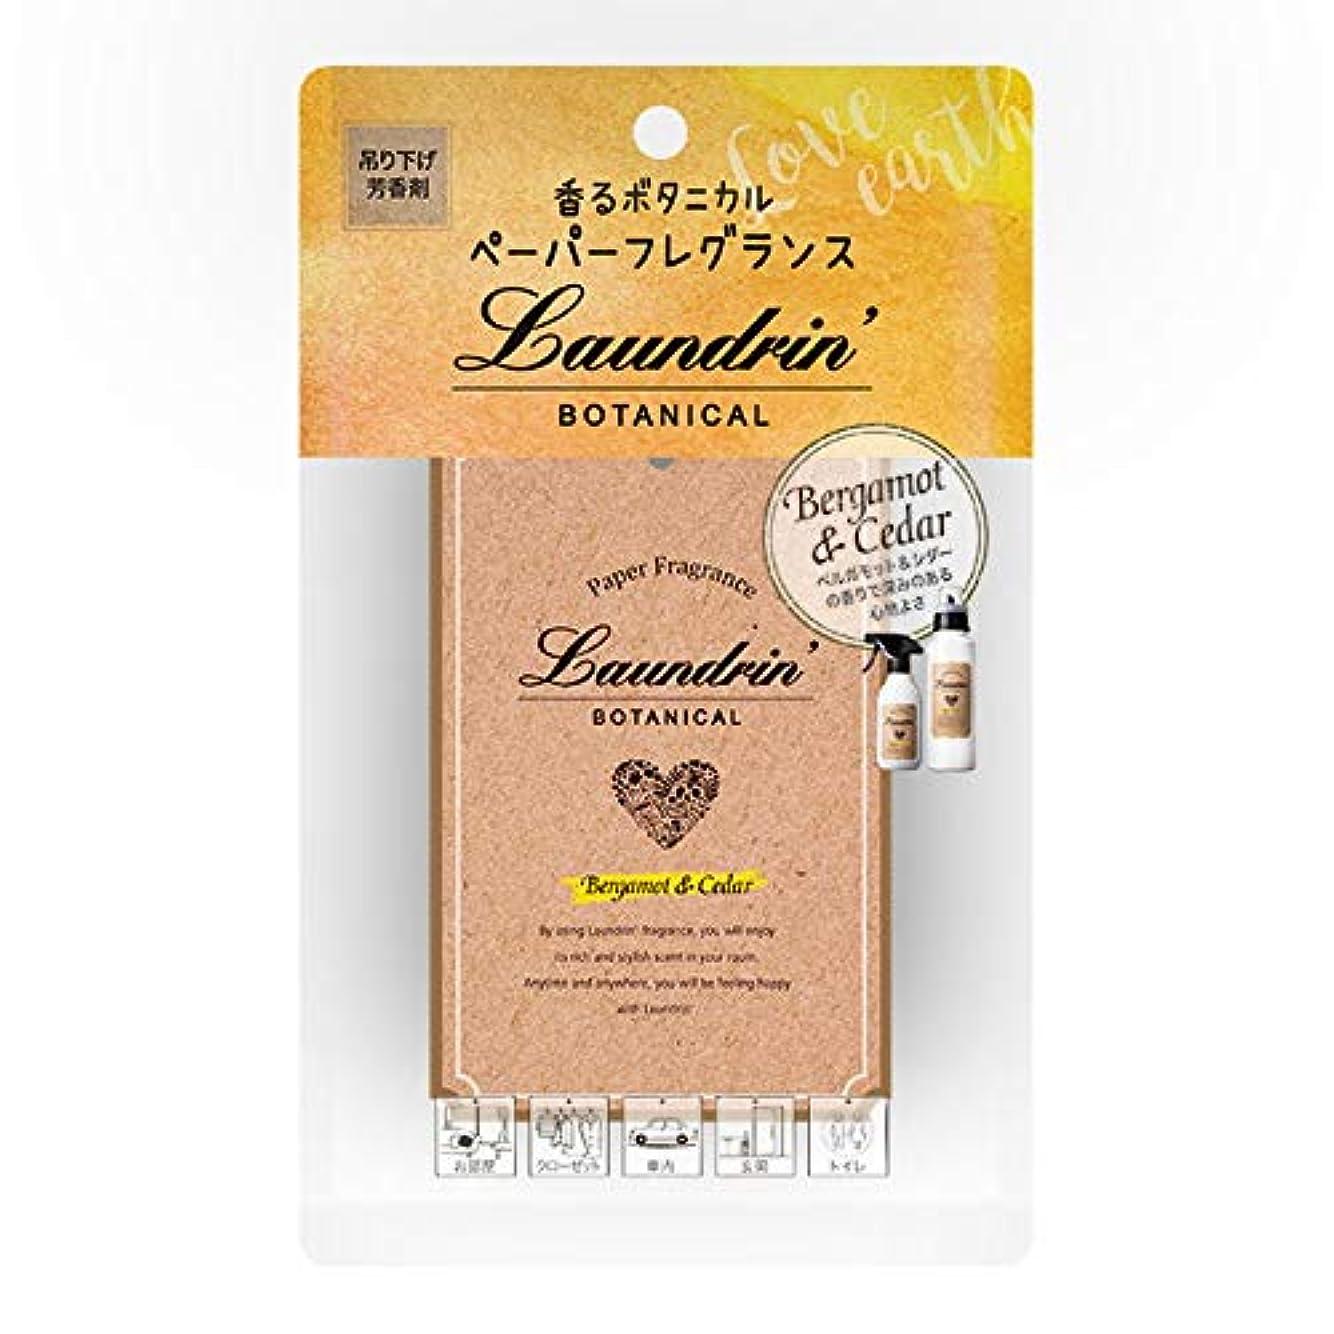 ホールドホームレス売上高ランドリン ボタニカル ペーパーフレグランス ベルガモット&シダー (1枚) 芳香剤